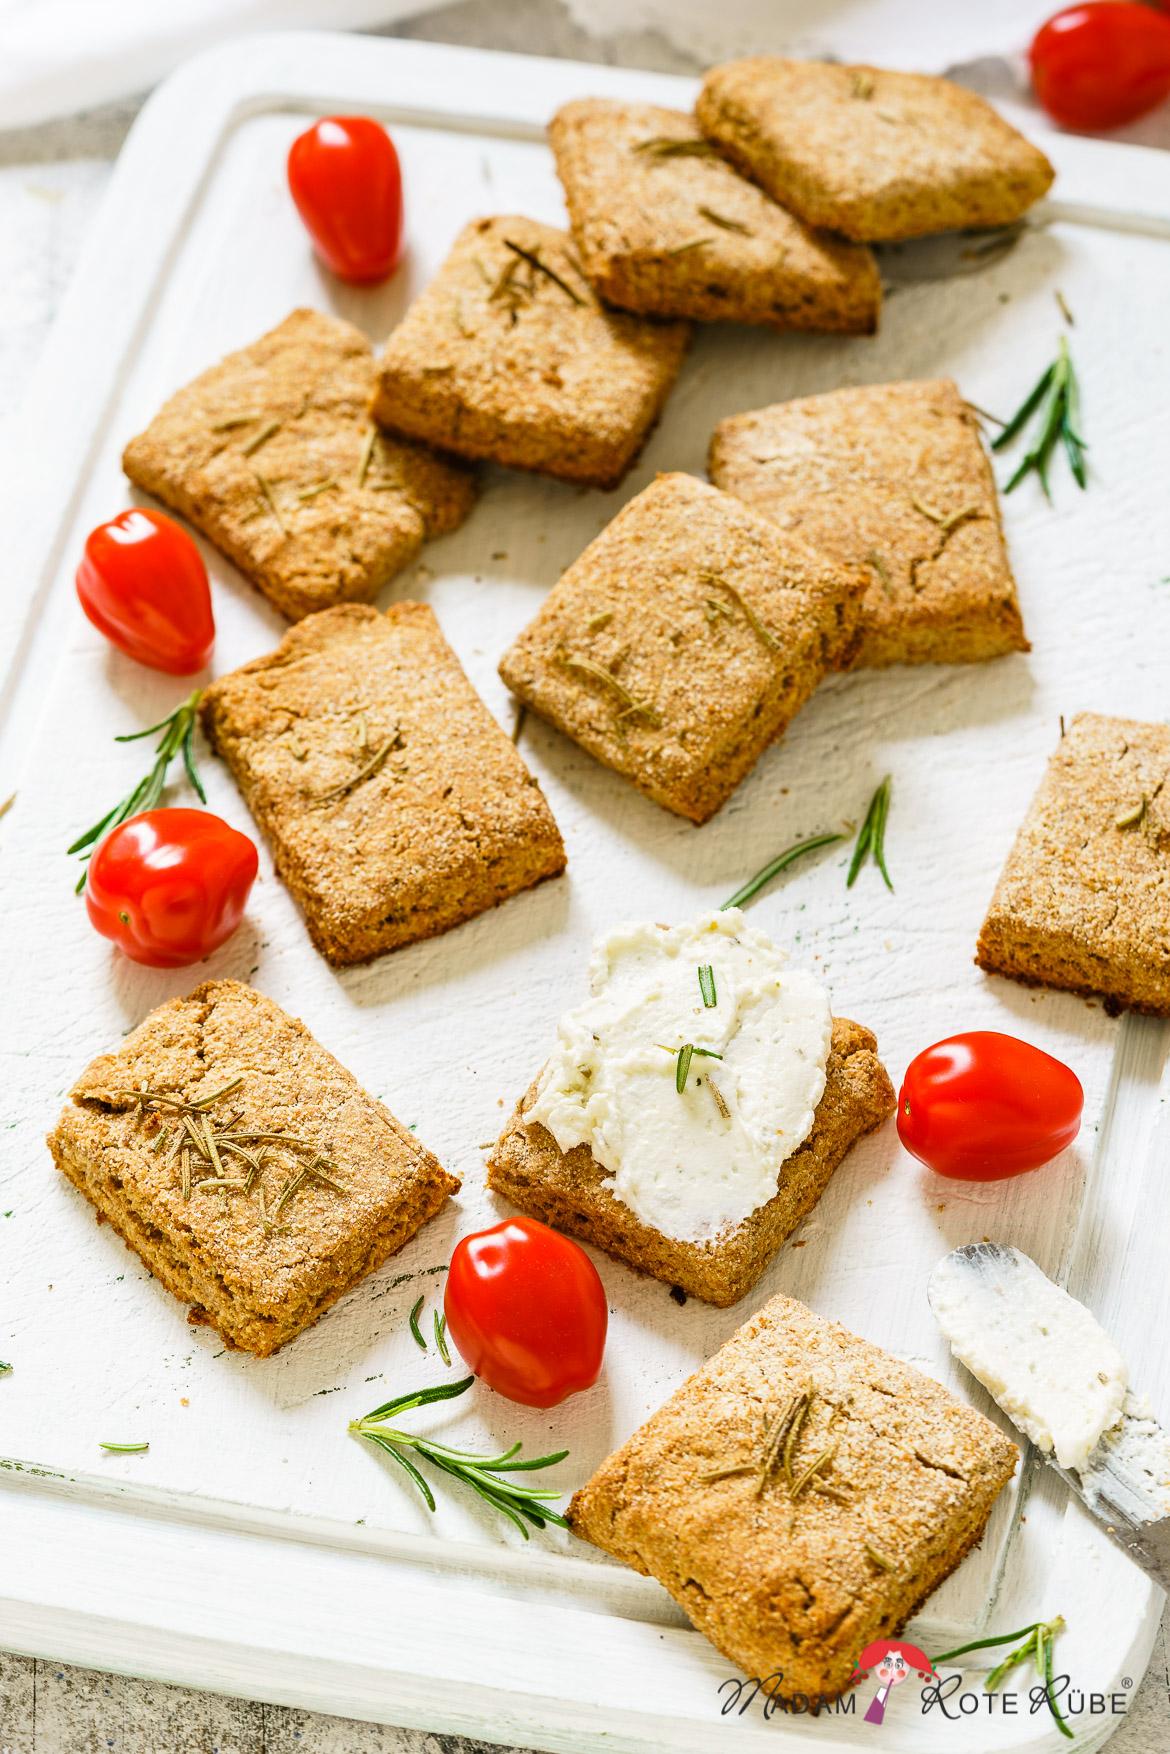 Madam Rote Rübe - Butterige Sandwich-Vollkornkekse mit Sauerteigstarter